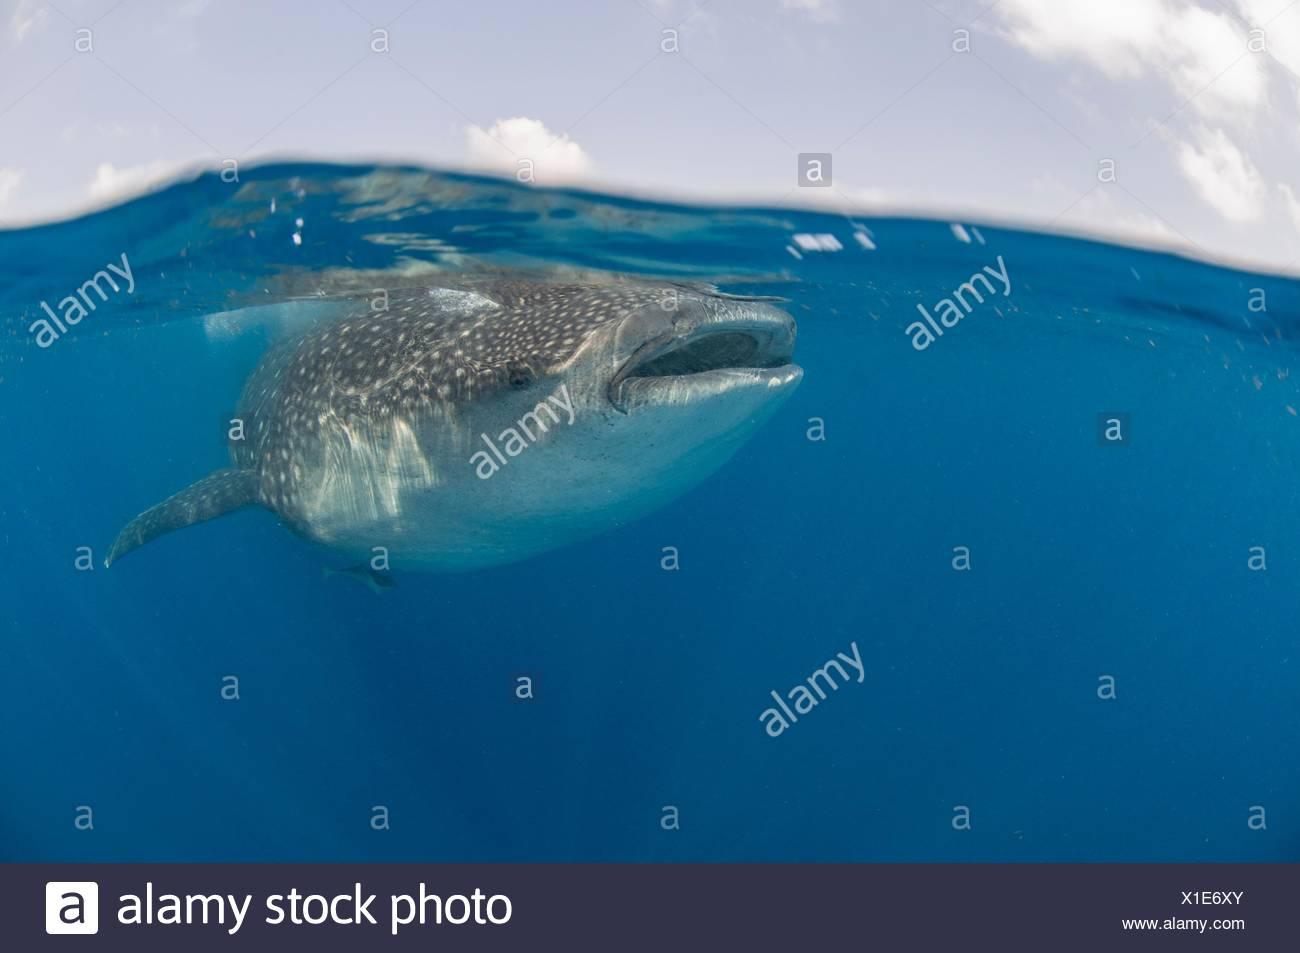 Vista subacquea del gigante di squalo balena alimentazione sulle uova di pesce, Isola Contoy, Quintana Roo, Messico Immagini Stock